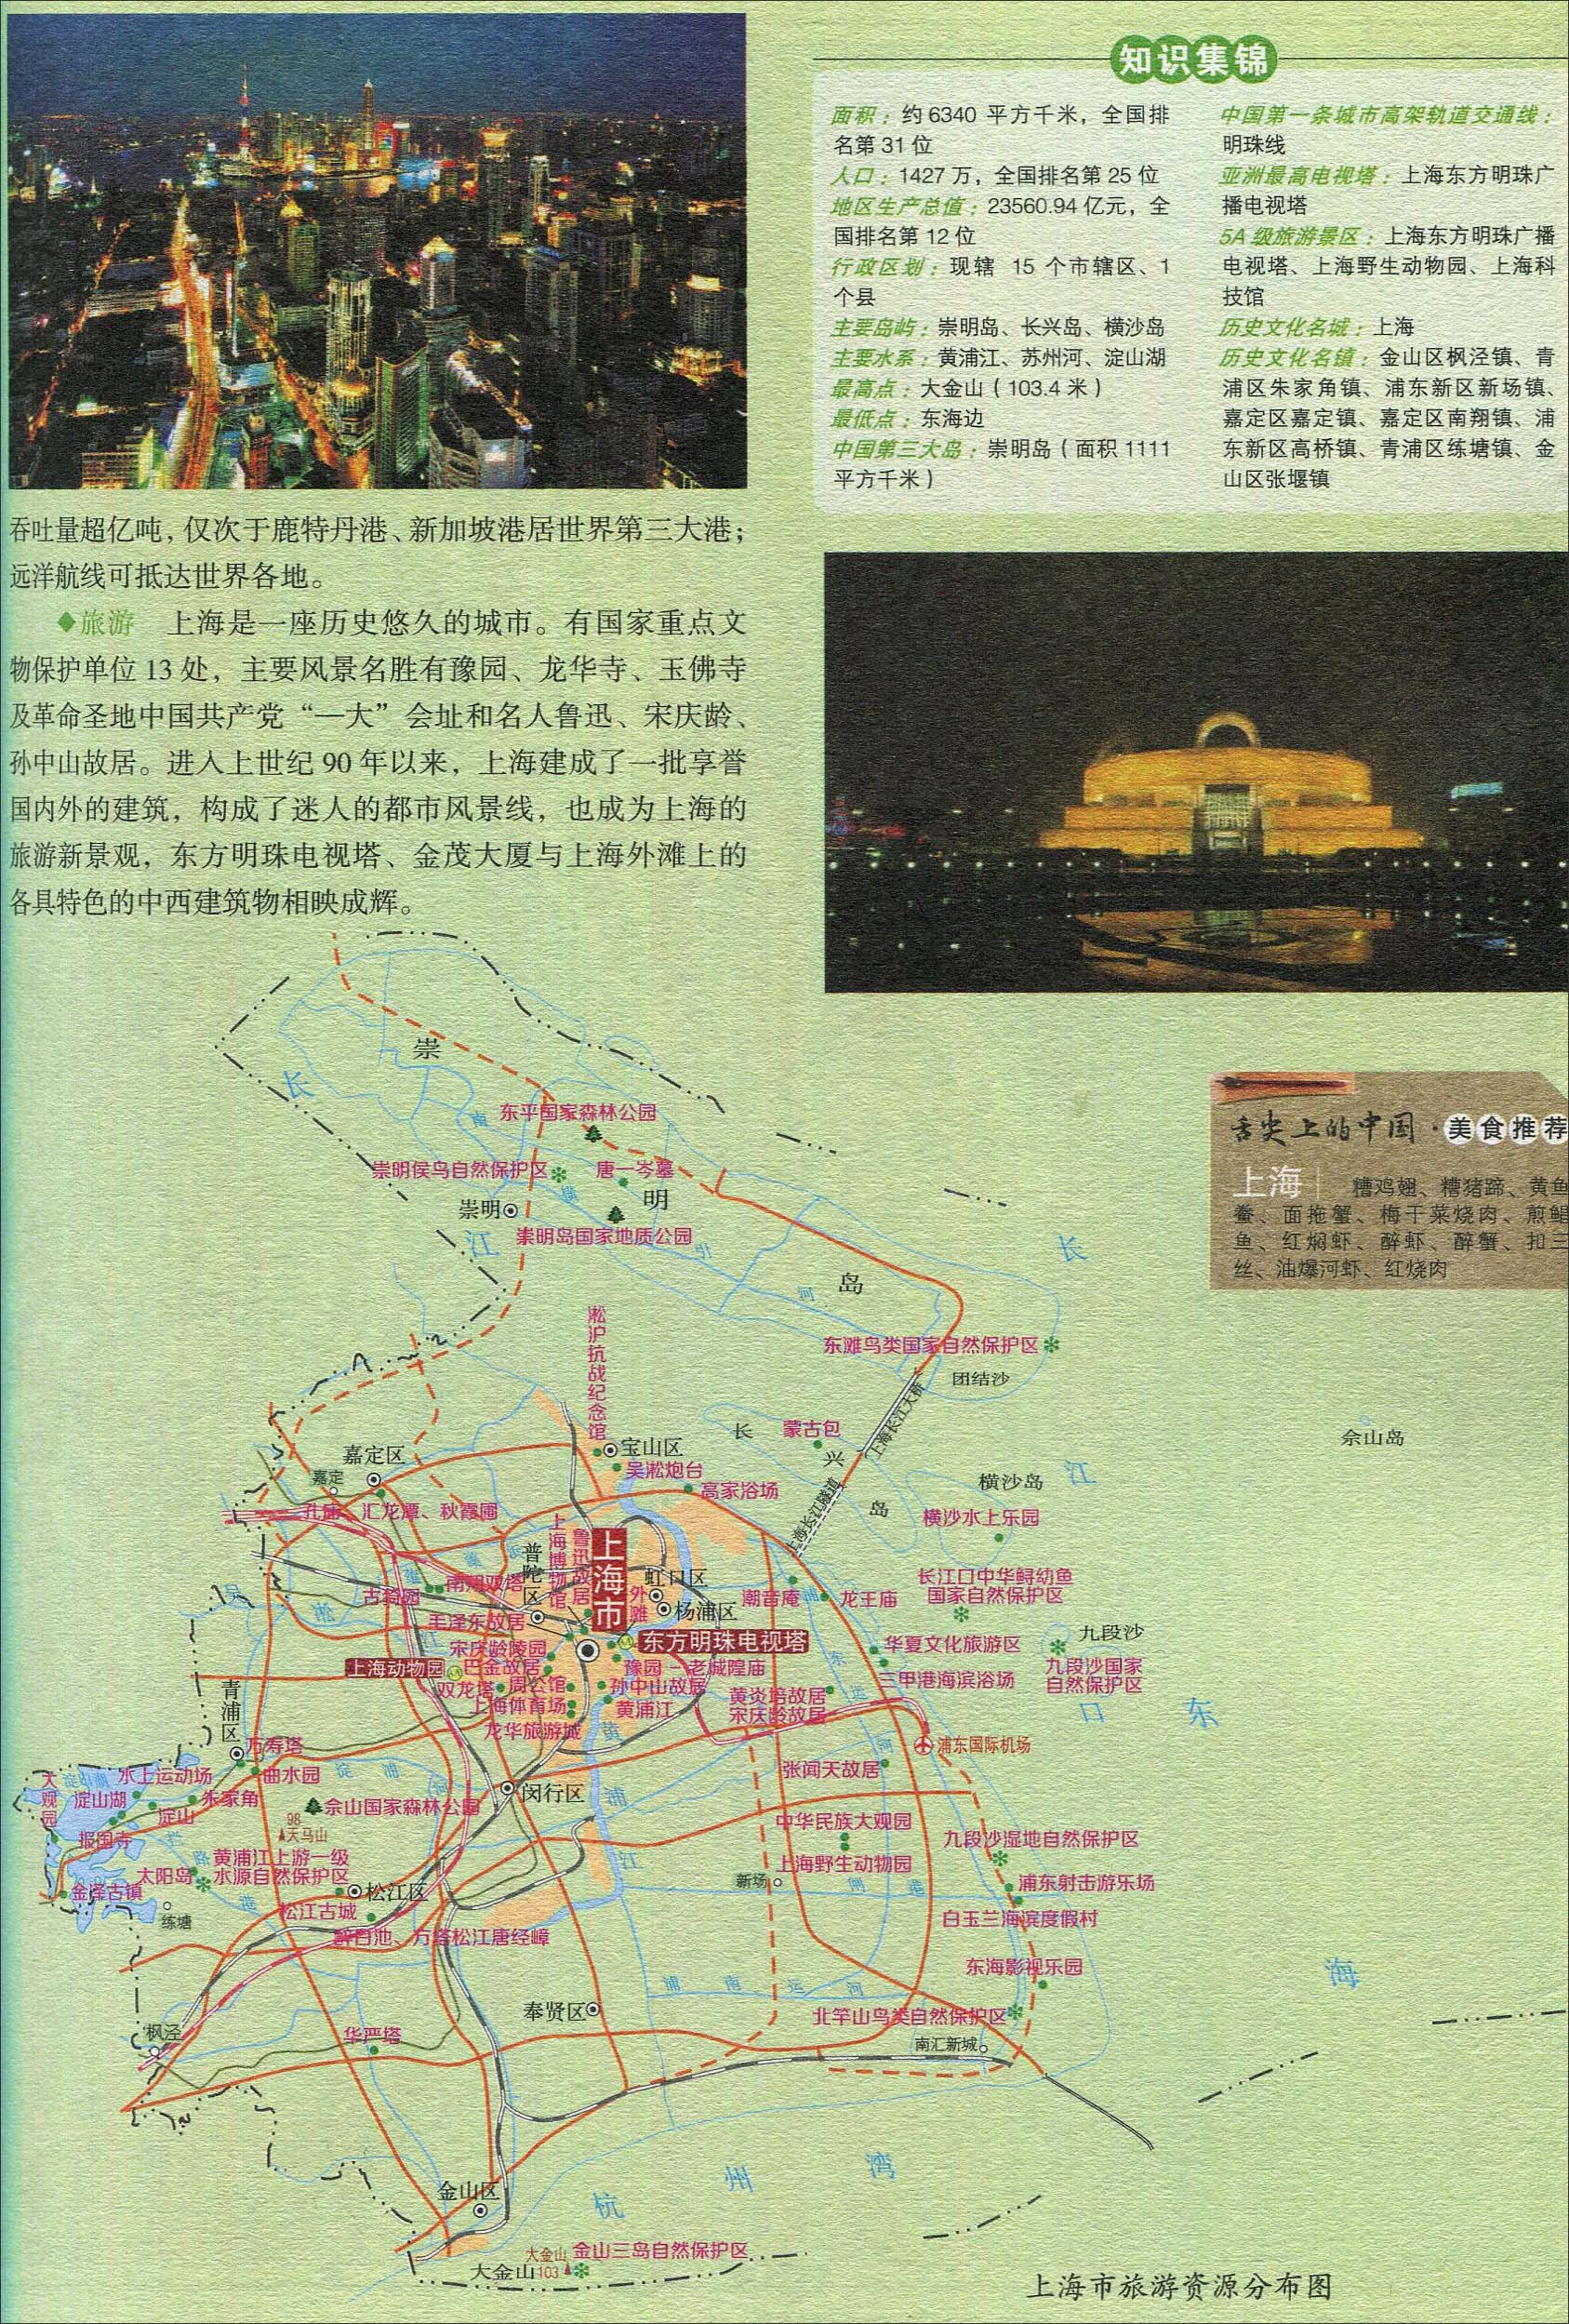 上海西藏自驾游_上海旅游资源分布图_上海旅游地图库_地图窝